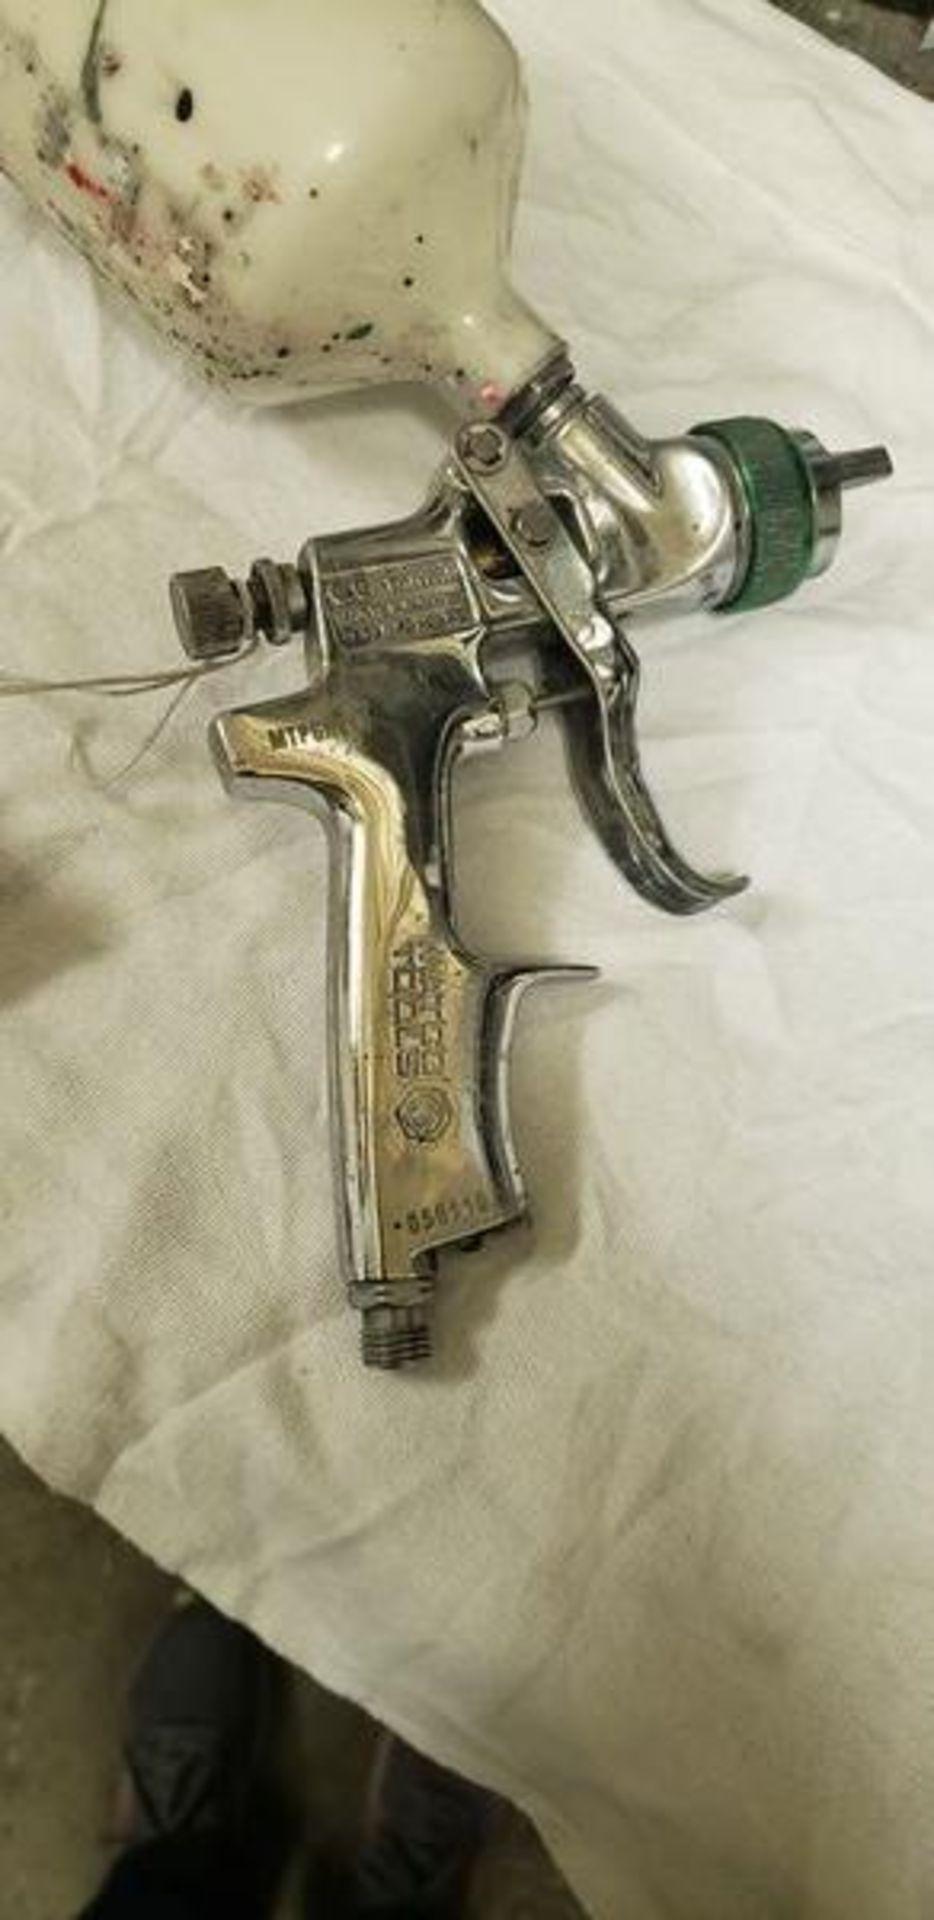 MATCO HVLP SPRAY GUN - Image 2 of 3